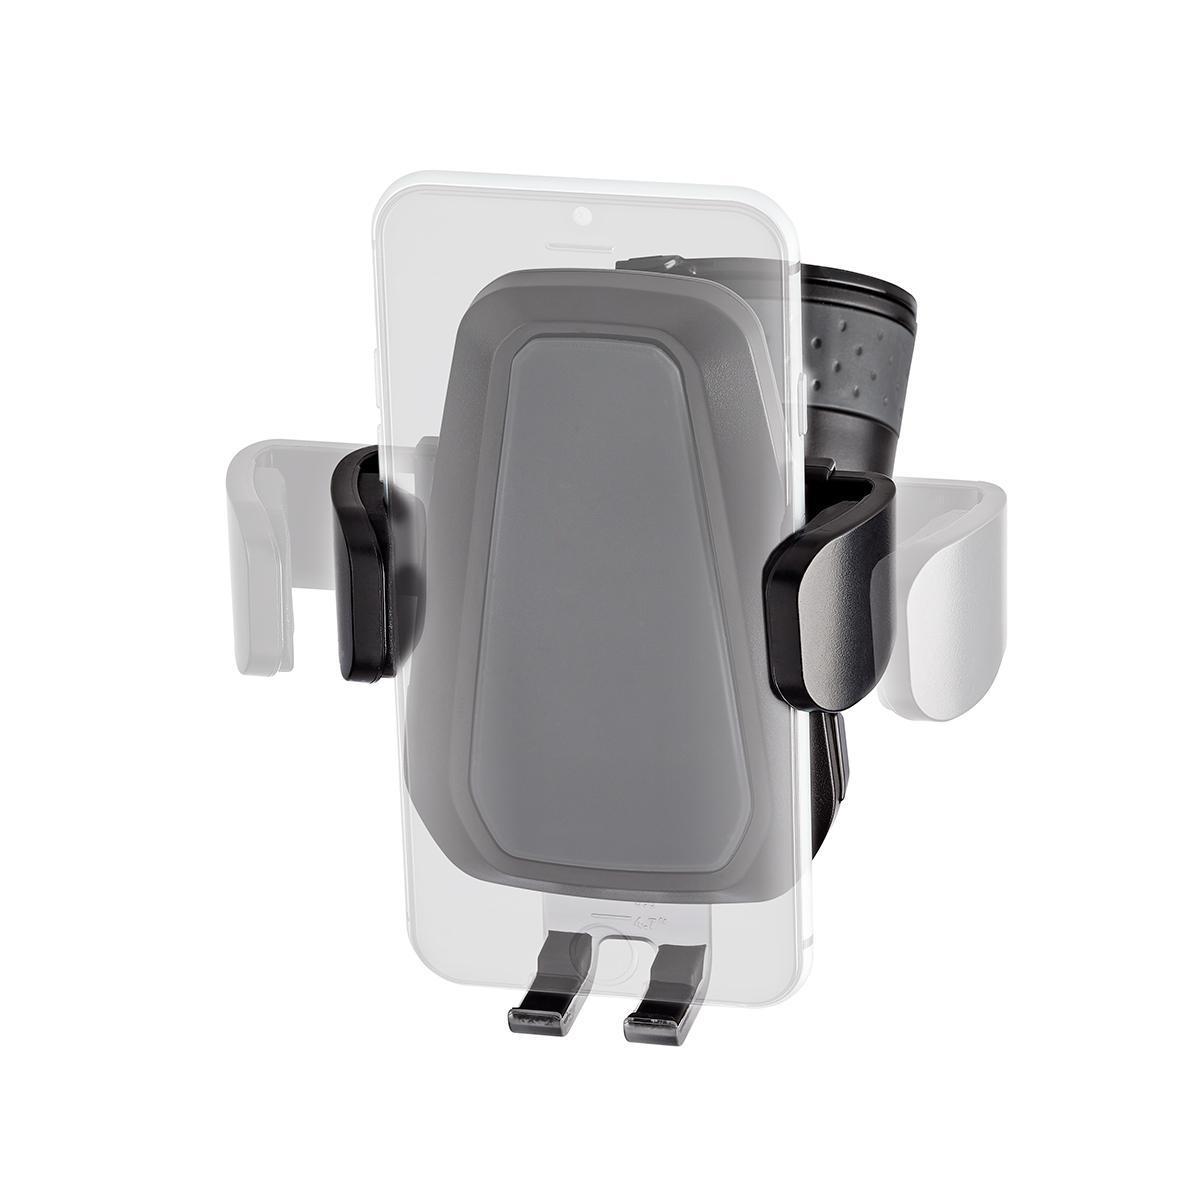 Billede af Bilholder - Intelligent Trådløs oplader til Bilen - HURTIG opladning - Automatisk lukkesystem